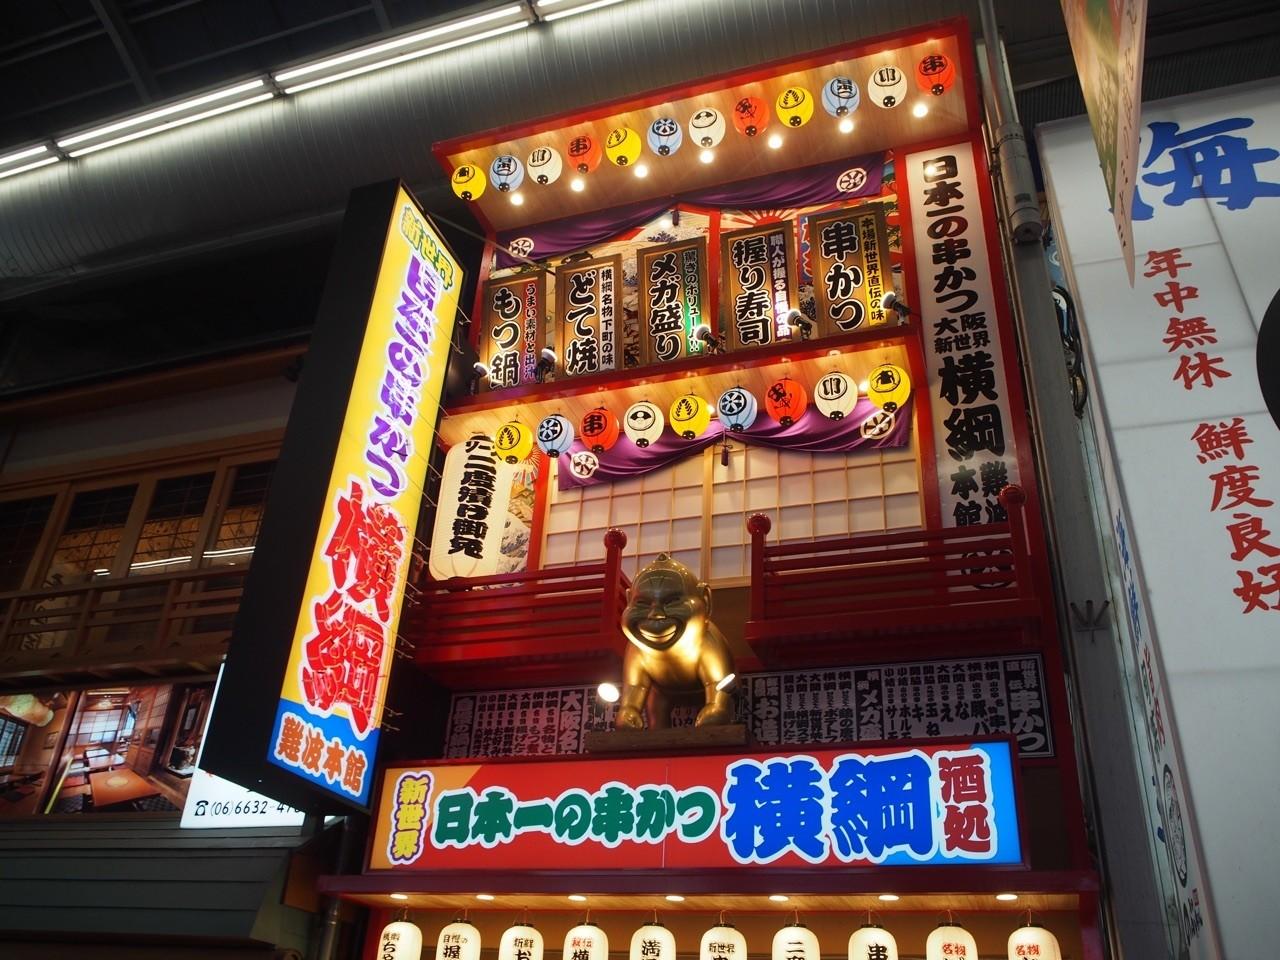 日本第一超人氣炸串名店 横綱